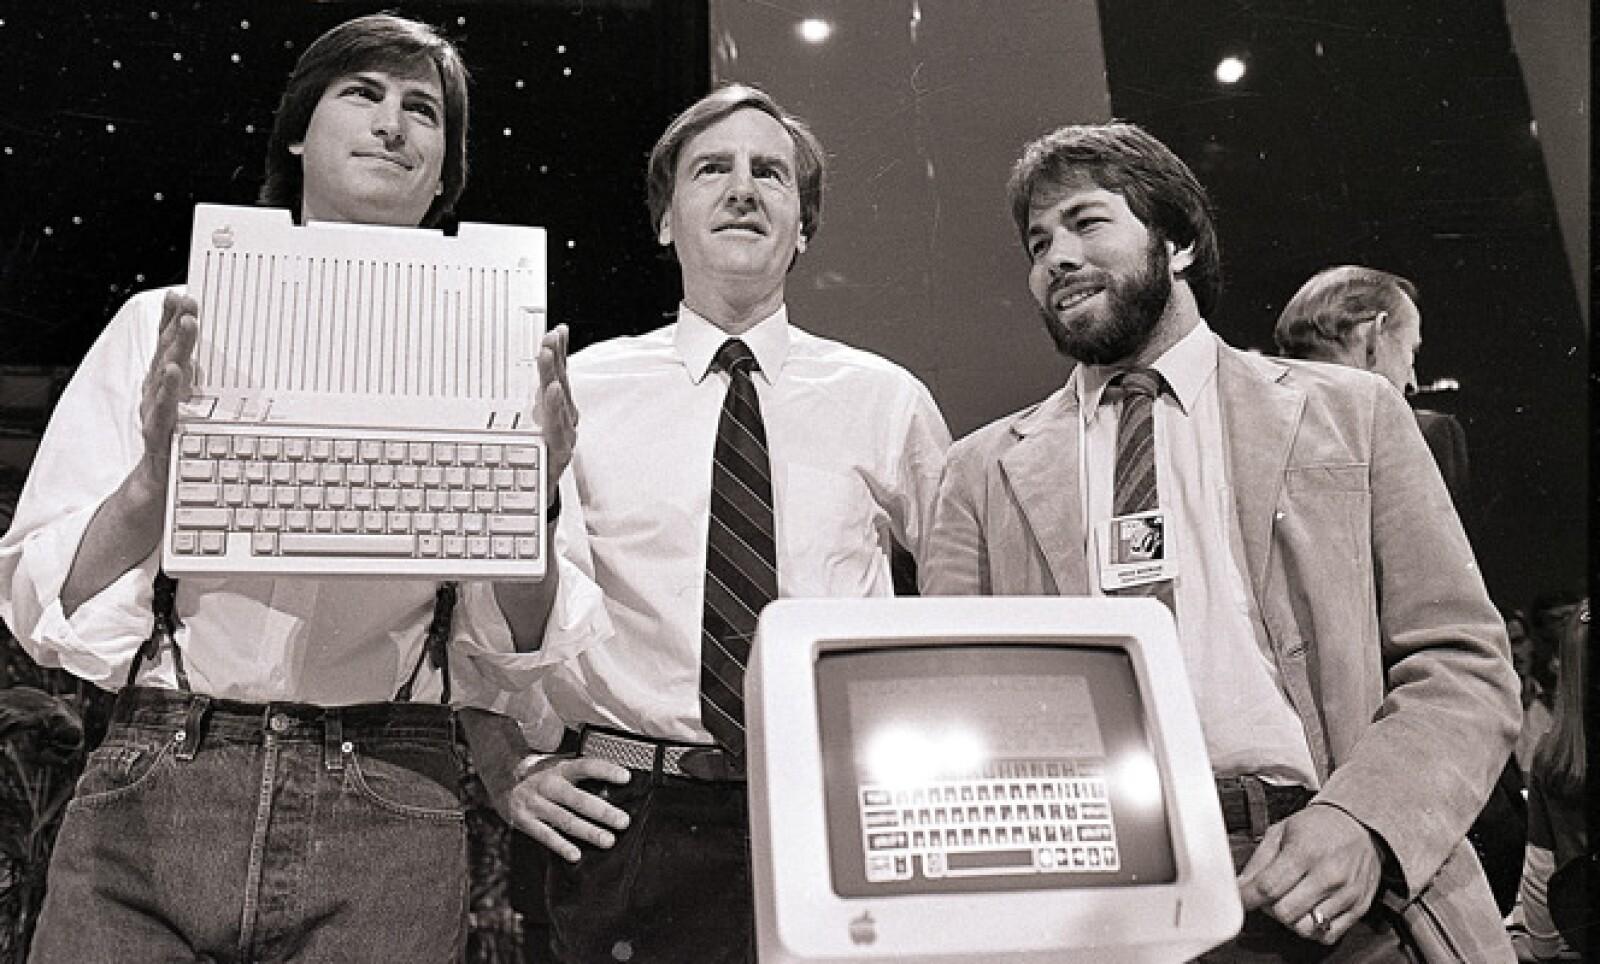 Los dos 'Steve' diseñaron Macintosh, la primera computadora personal que usaba un 'mouse'.  Jobs la presentó al mundo en un comercial durante el Súper Tazón de 1984.